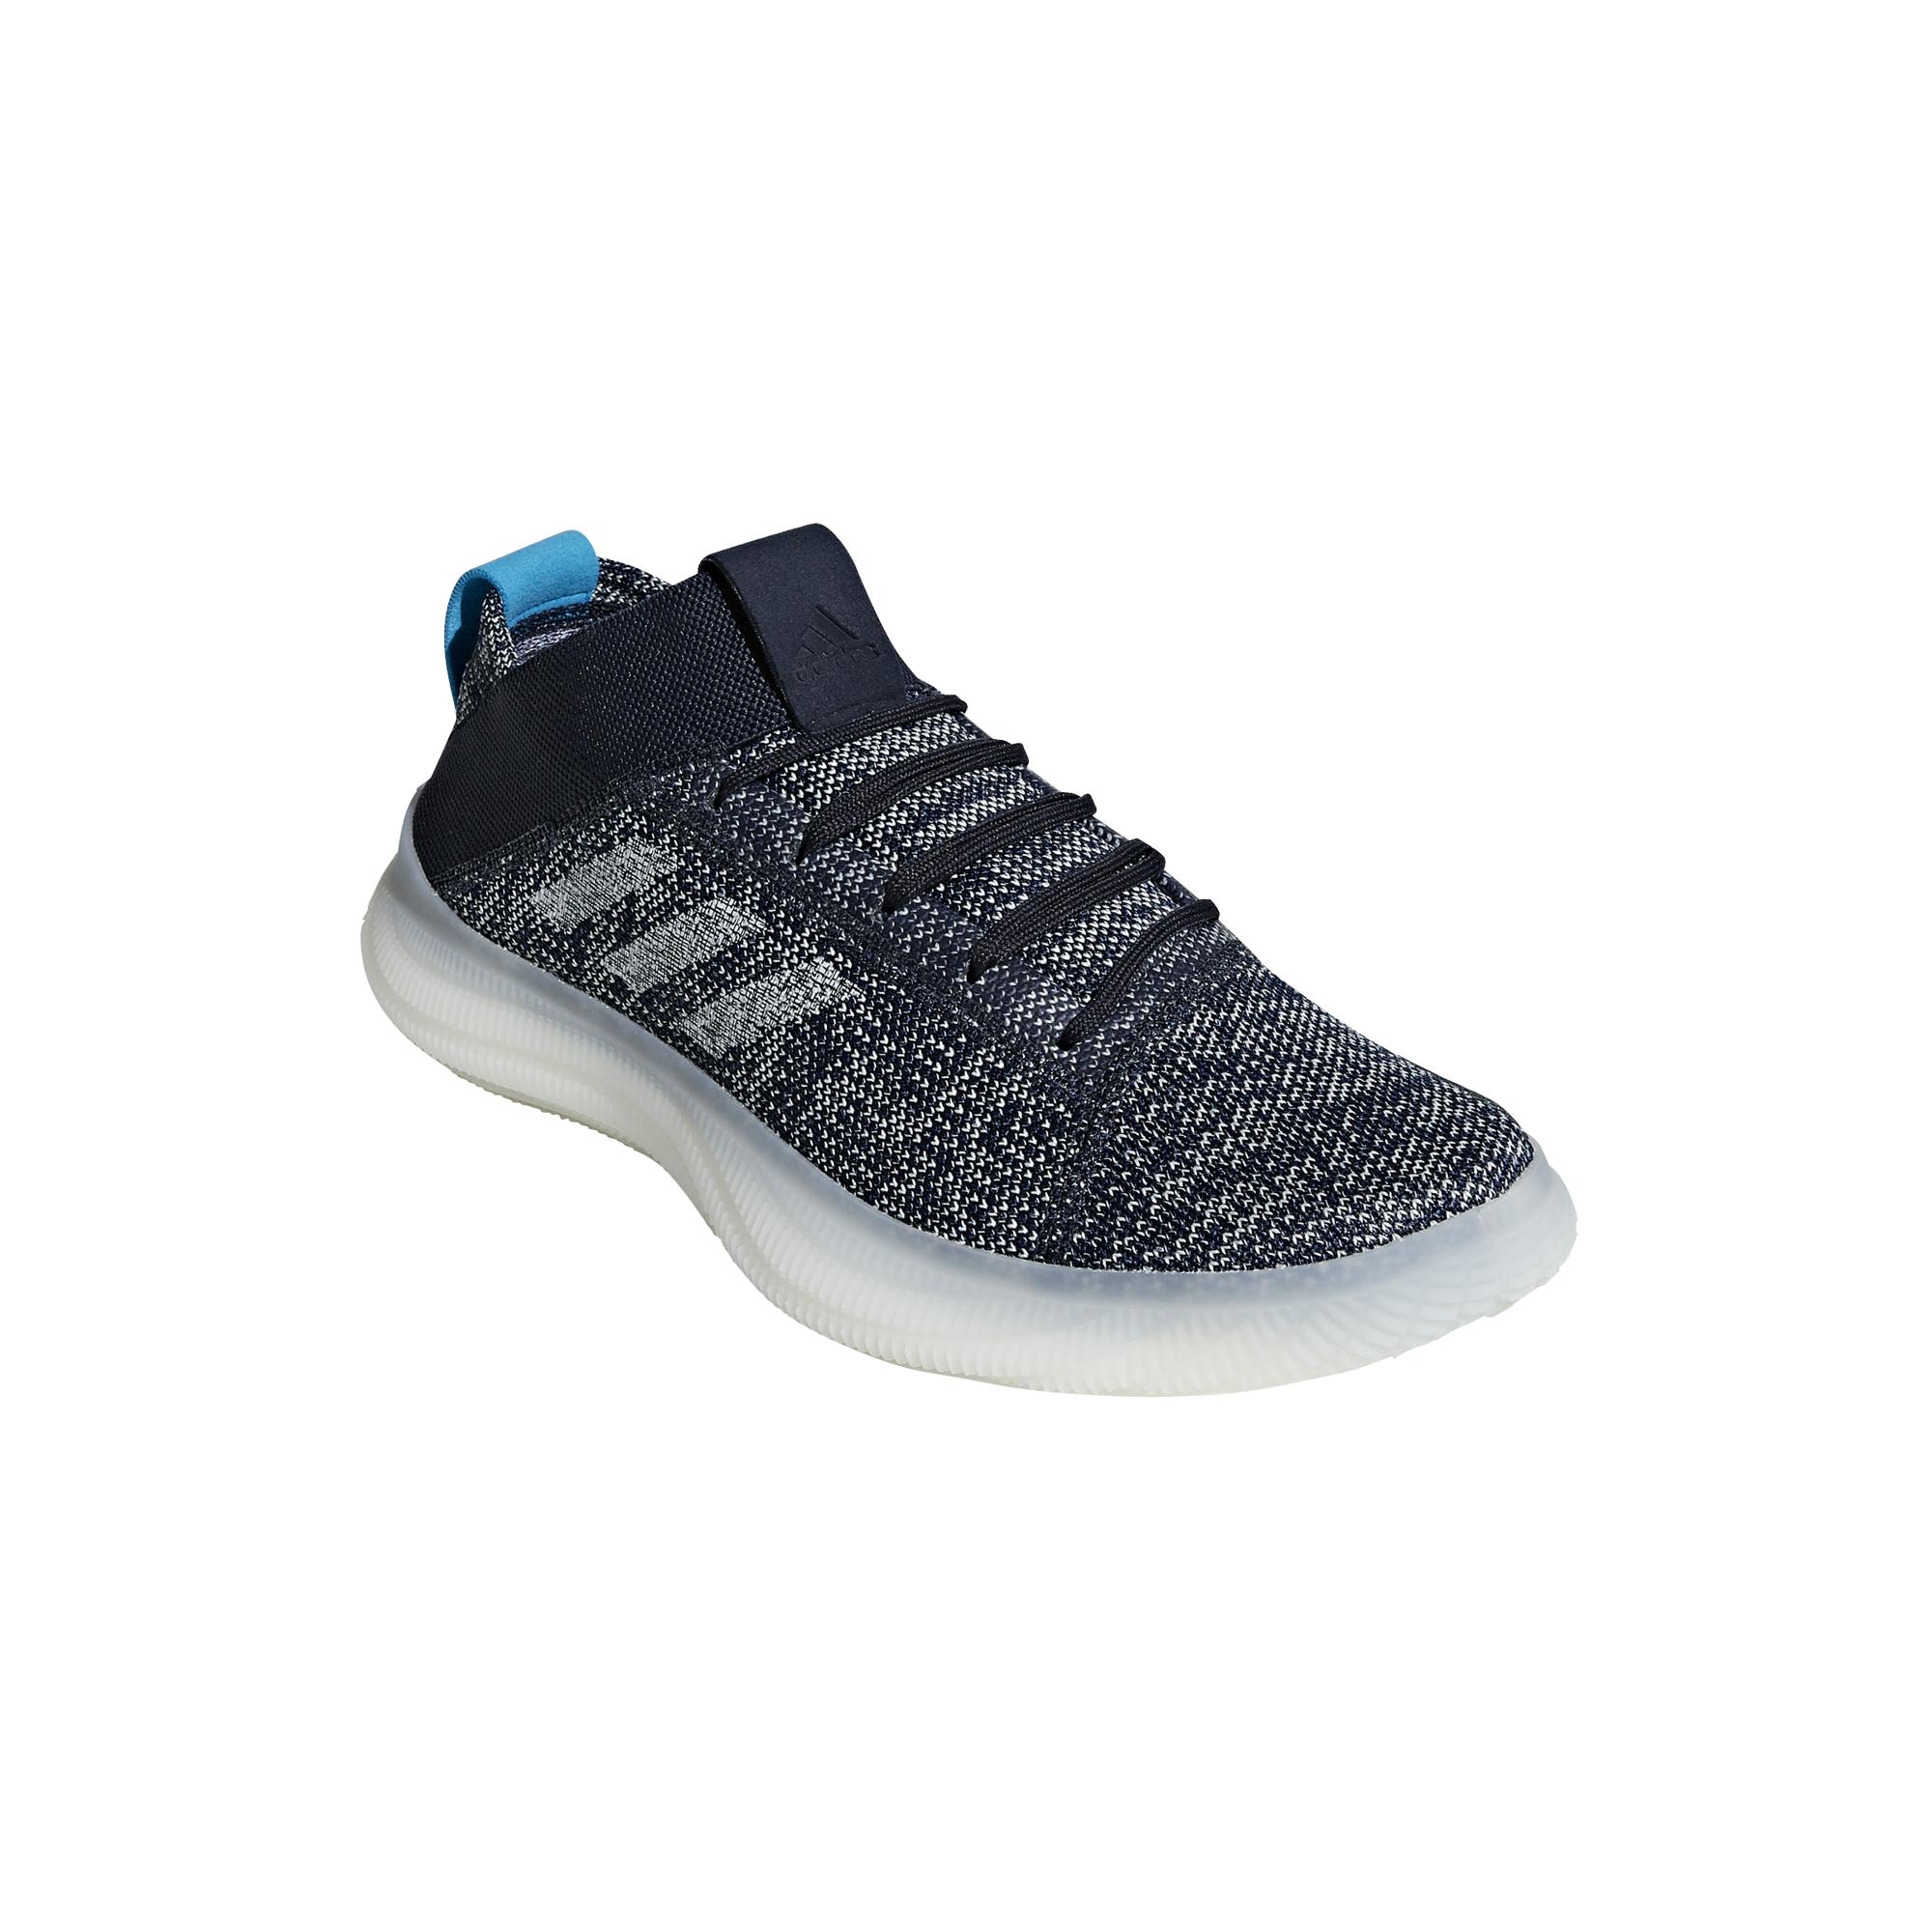 Pureboost Adidas Pureboost Trainer Chaussures Chaussures Adidas PX8nO0kw